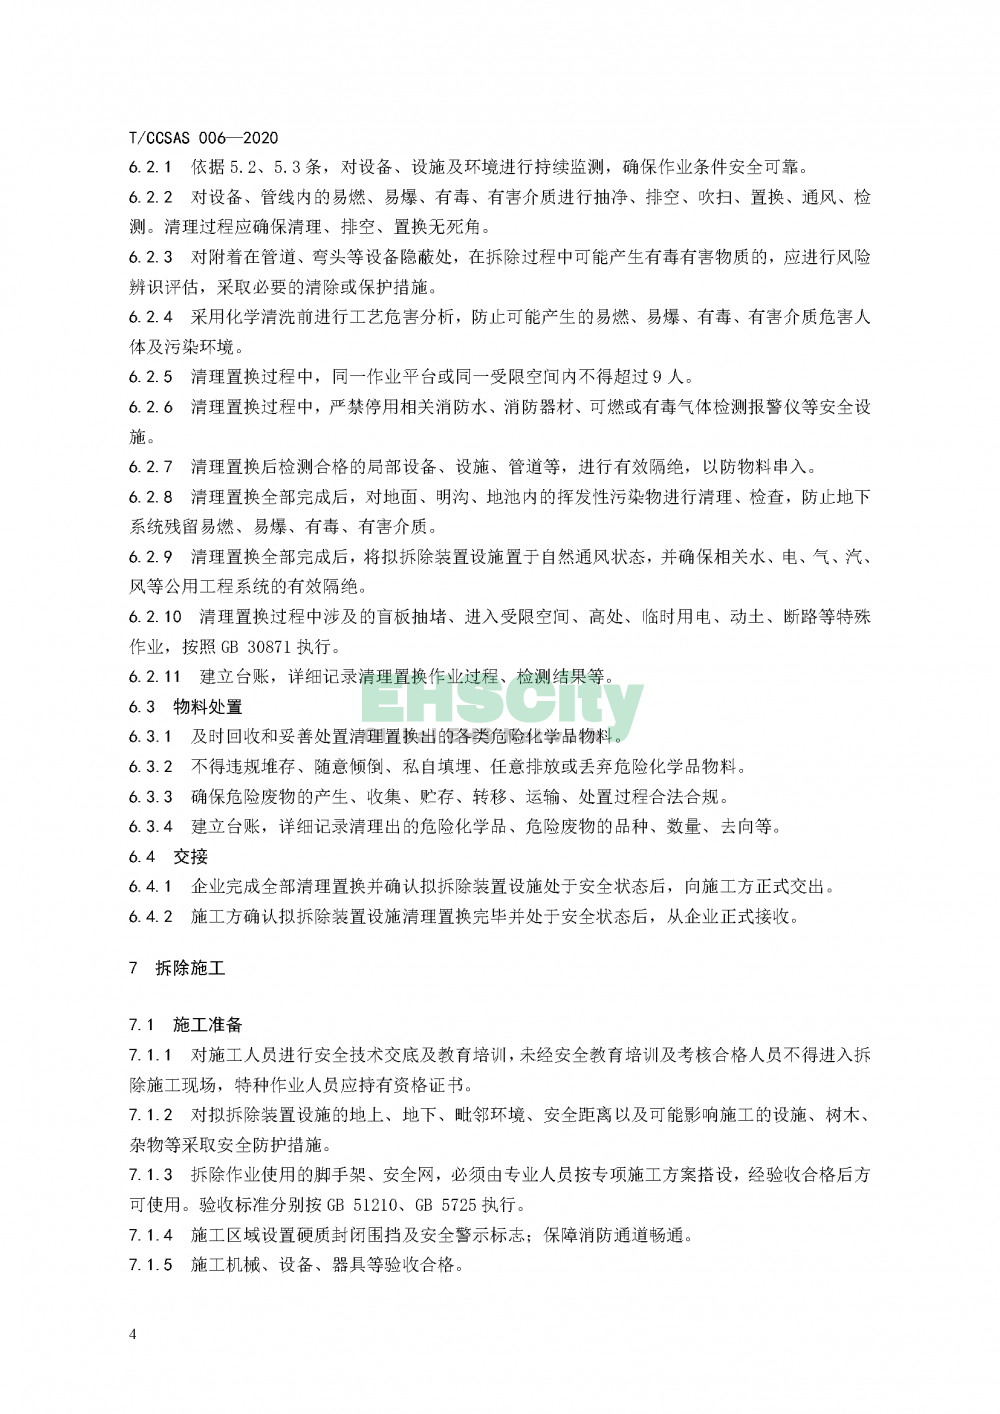 《化工企业装置设施拆除安全管理规范》_页面_10